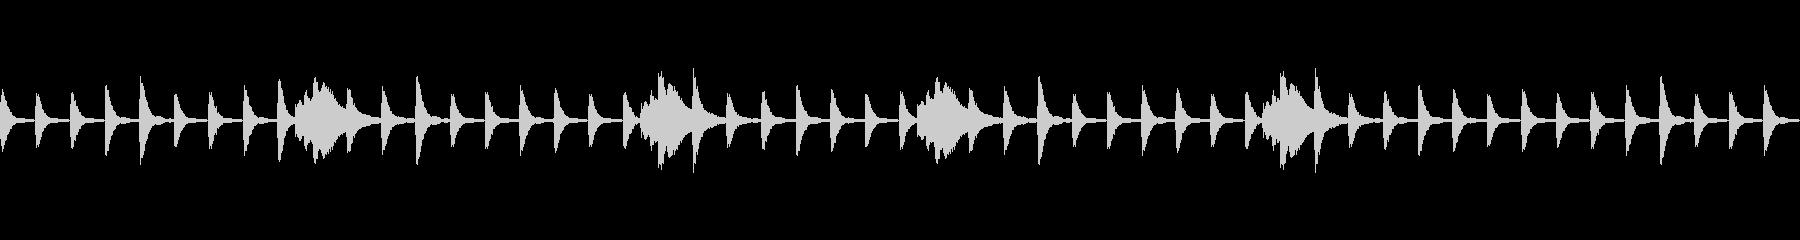 ホラーな雰囲気、緊迫したピアノBGMの未再生の波形